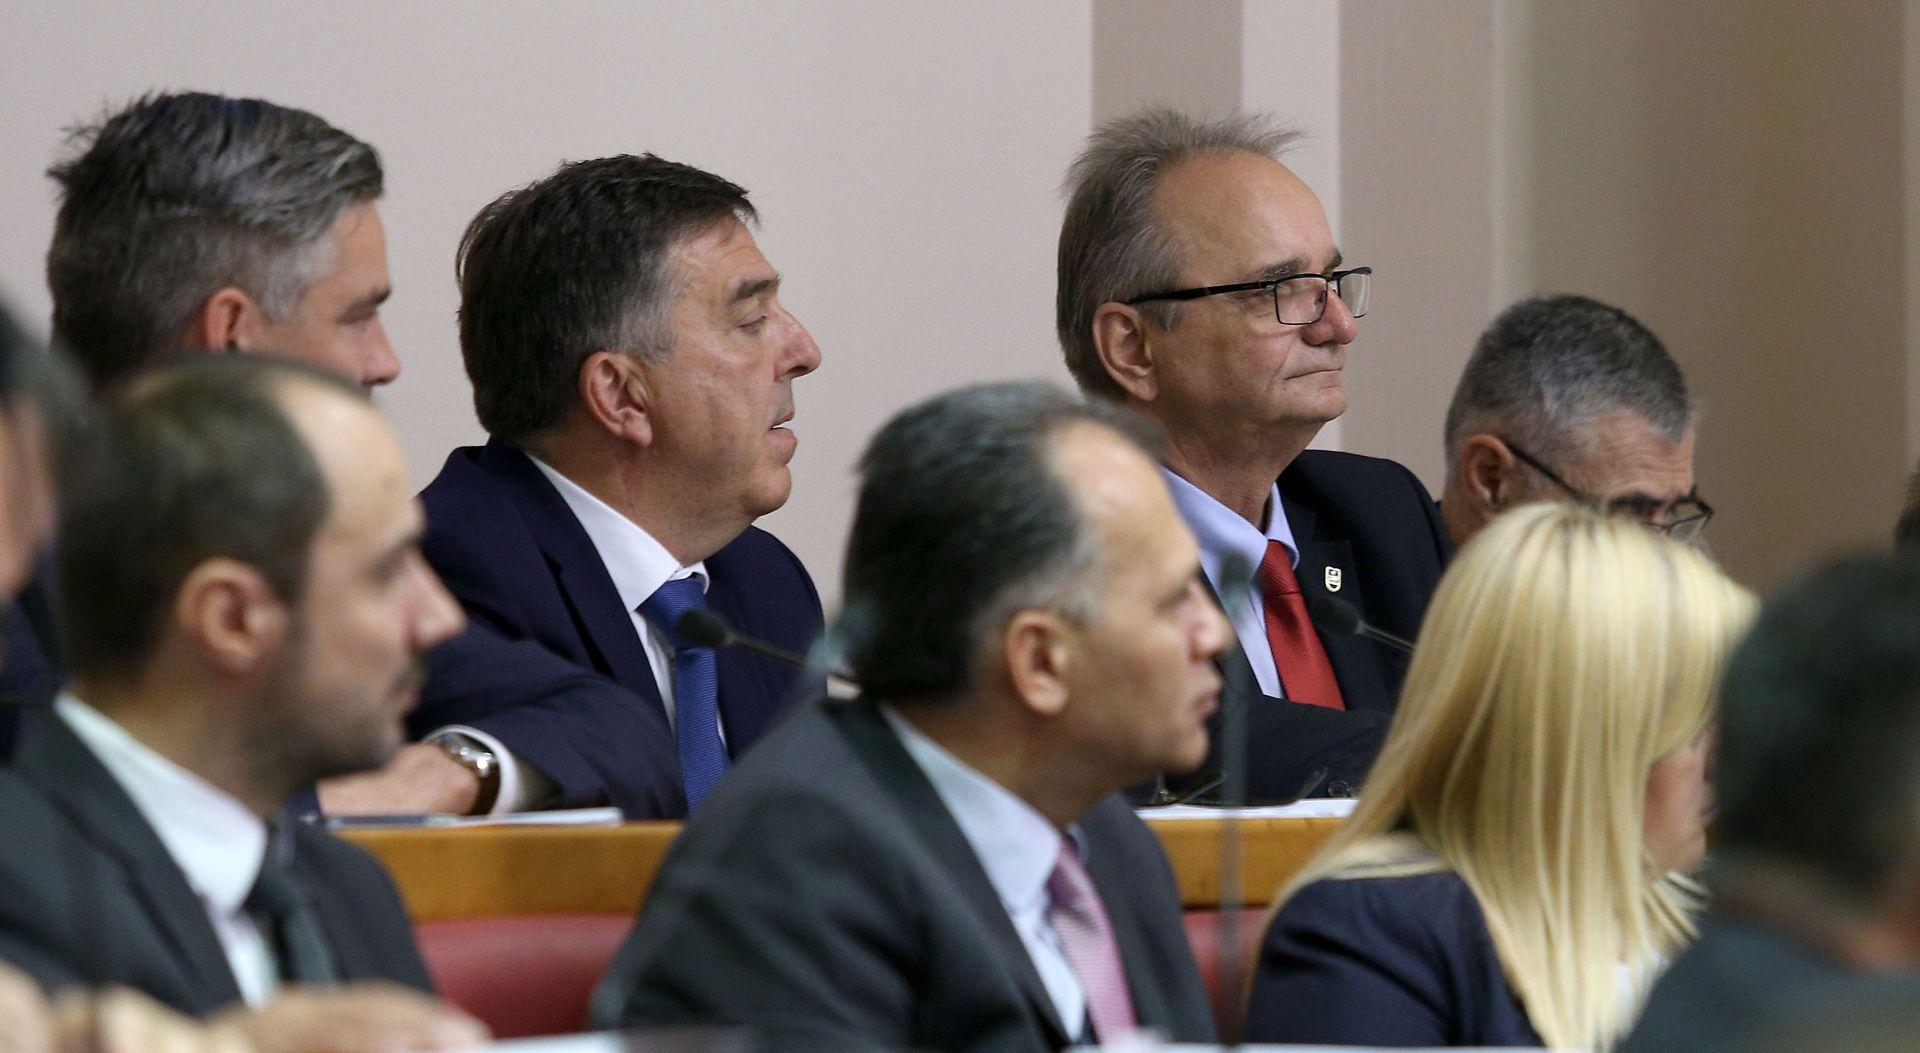 SABOR Potporu Plenkovićevoj vladi dat će HSS i HDSSB